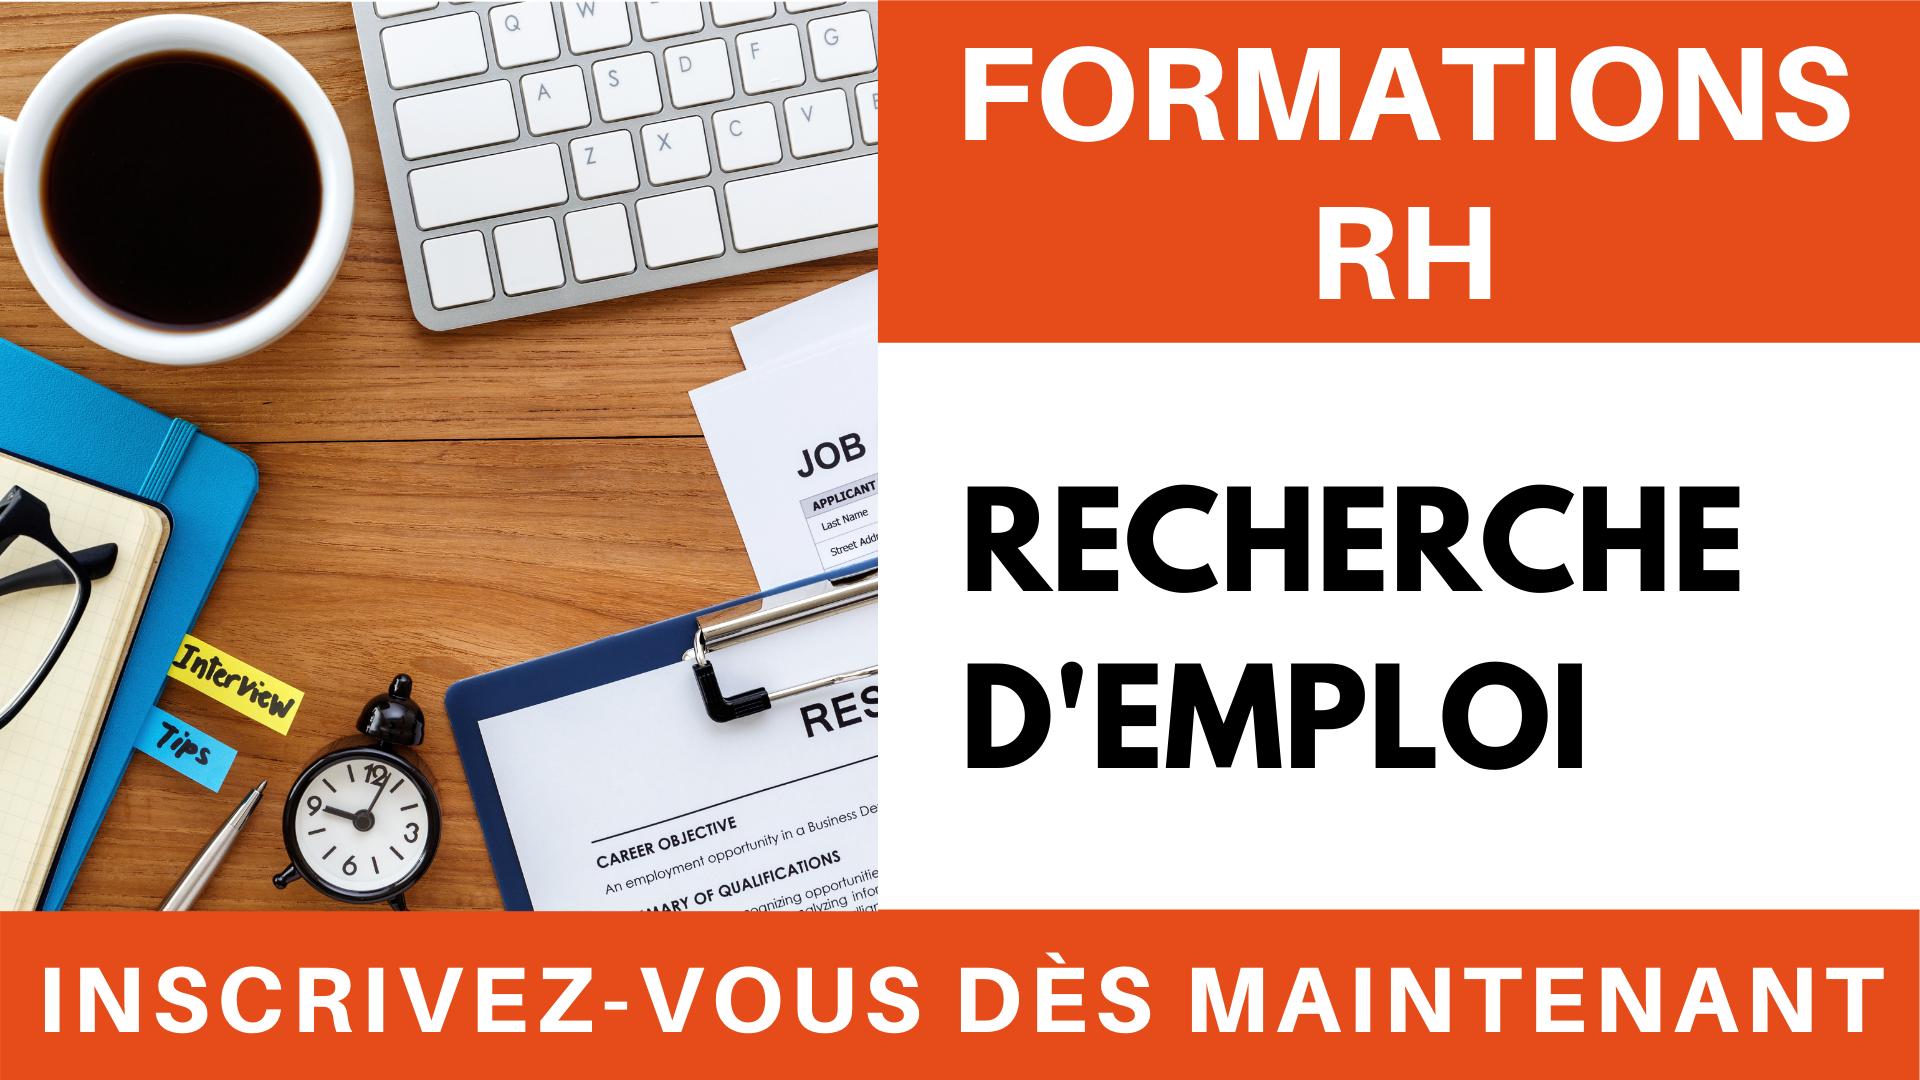 Formations RH - Recherche d'emploi et entretien d'embauche